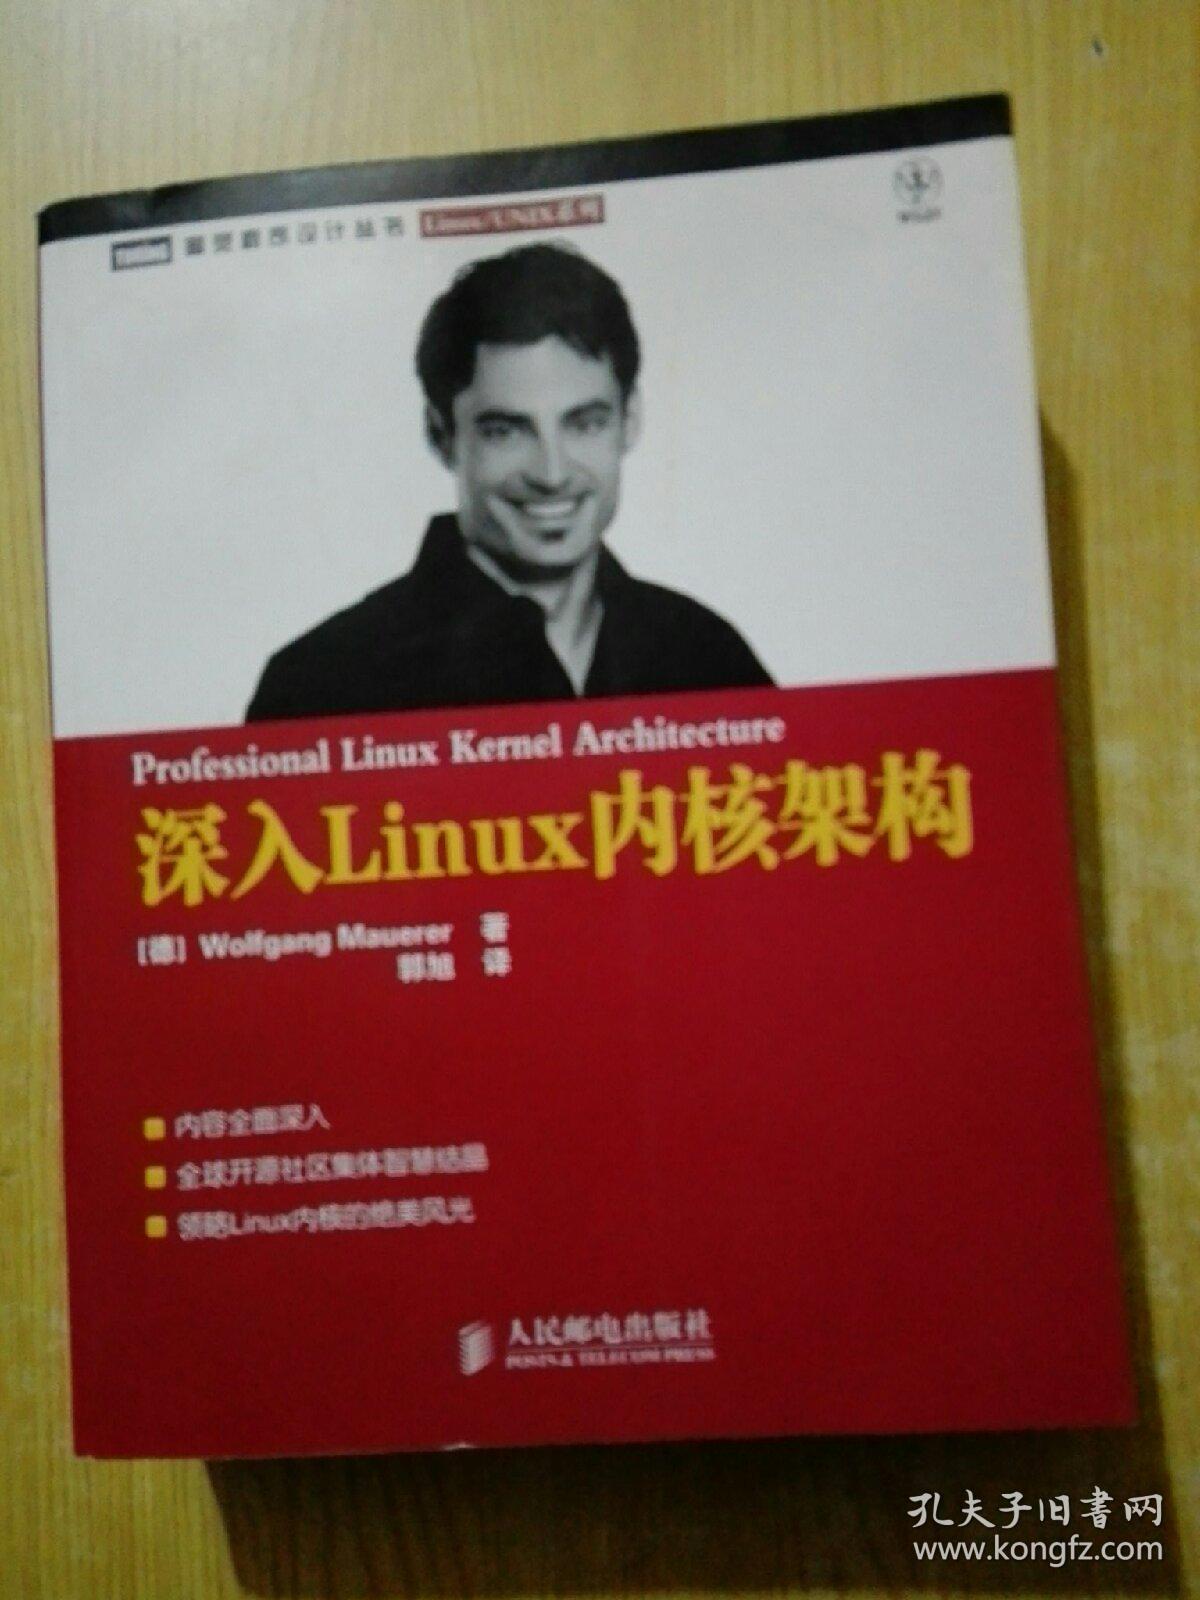 深入Linux内核架构:全球开源社区集体智慧结晶,领略Linux内核的绝美风光